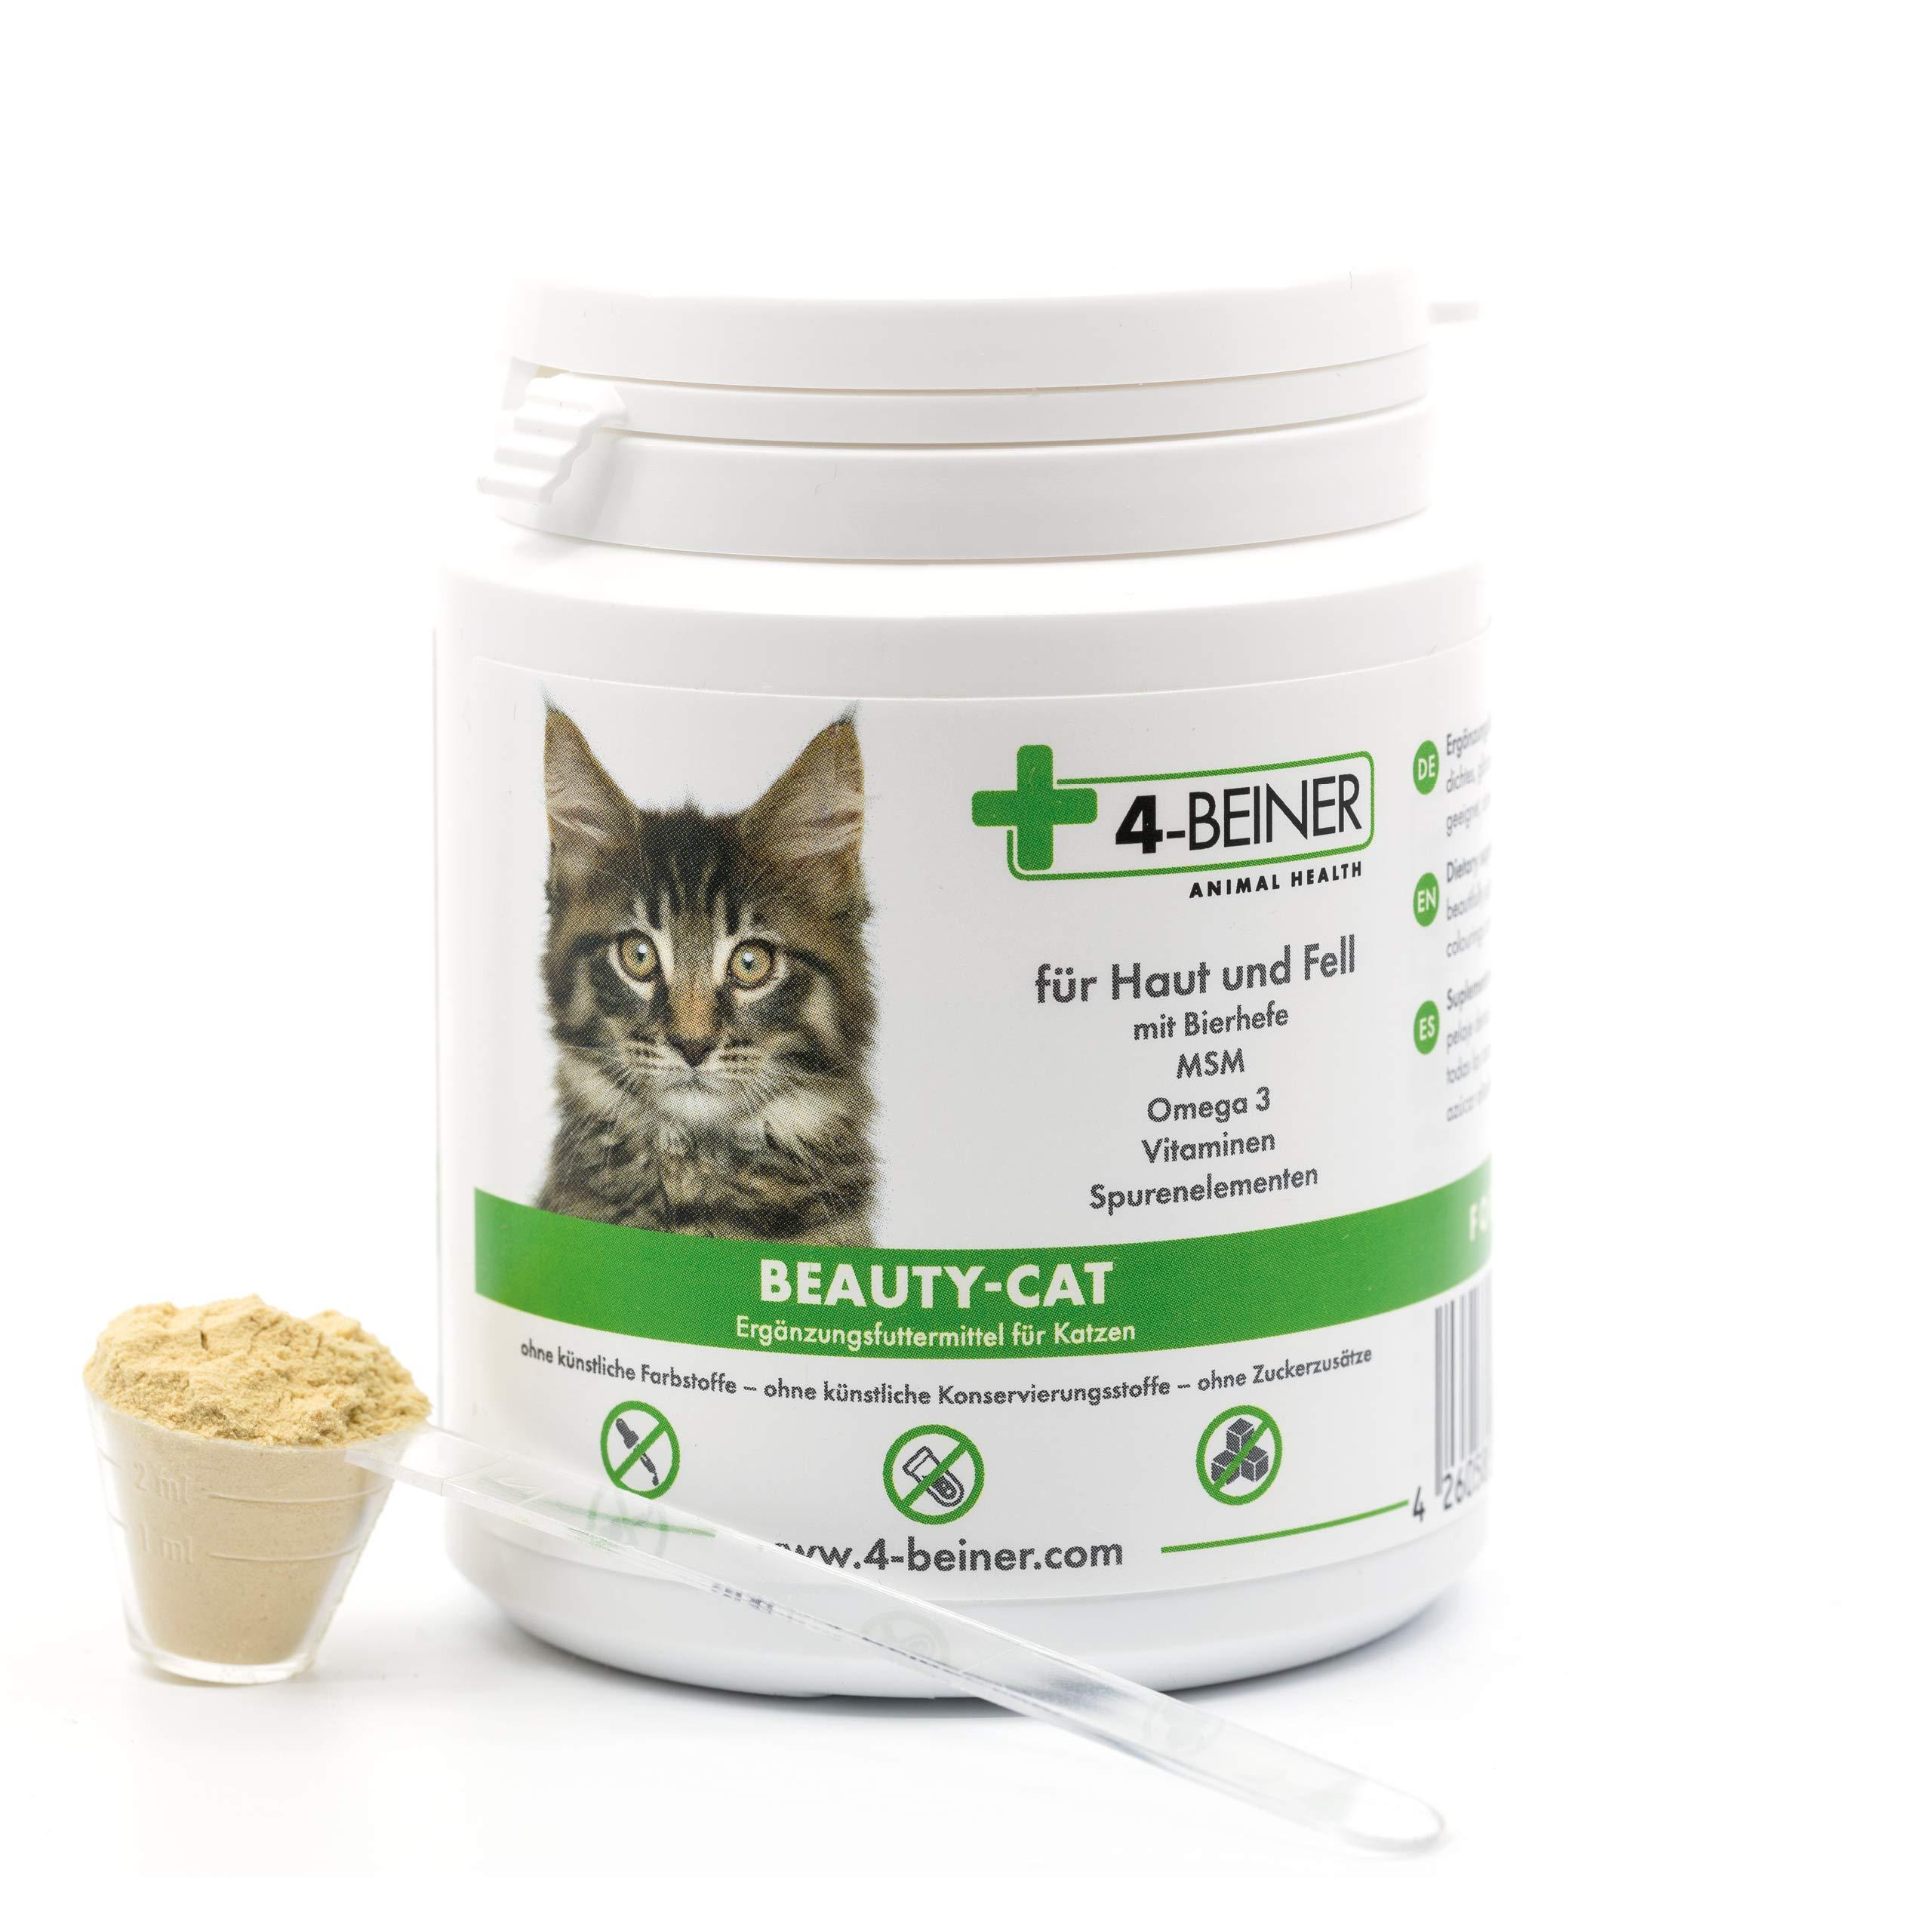 4 patas BEAUTY-CAT – Brillante piel Plus Fuerza, vitaminas para gatos con Omega 3, MSM, vitamina B complejo, vitamina C, biotina, cardo de mar, levadura de cerveza, zinc, selenio, 90 g polvo: